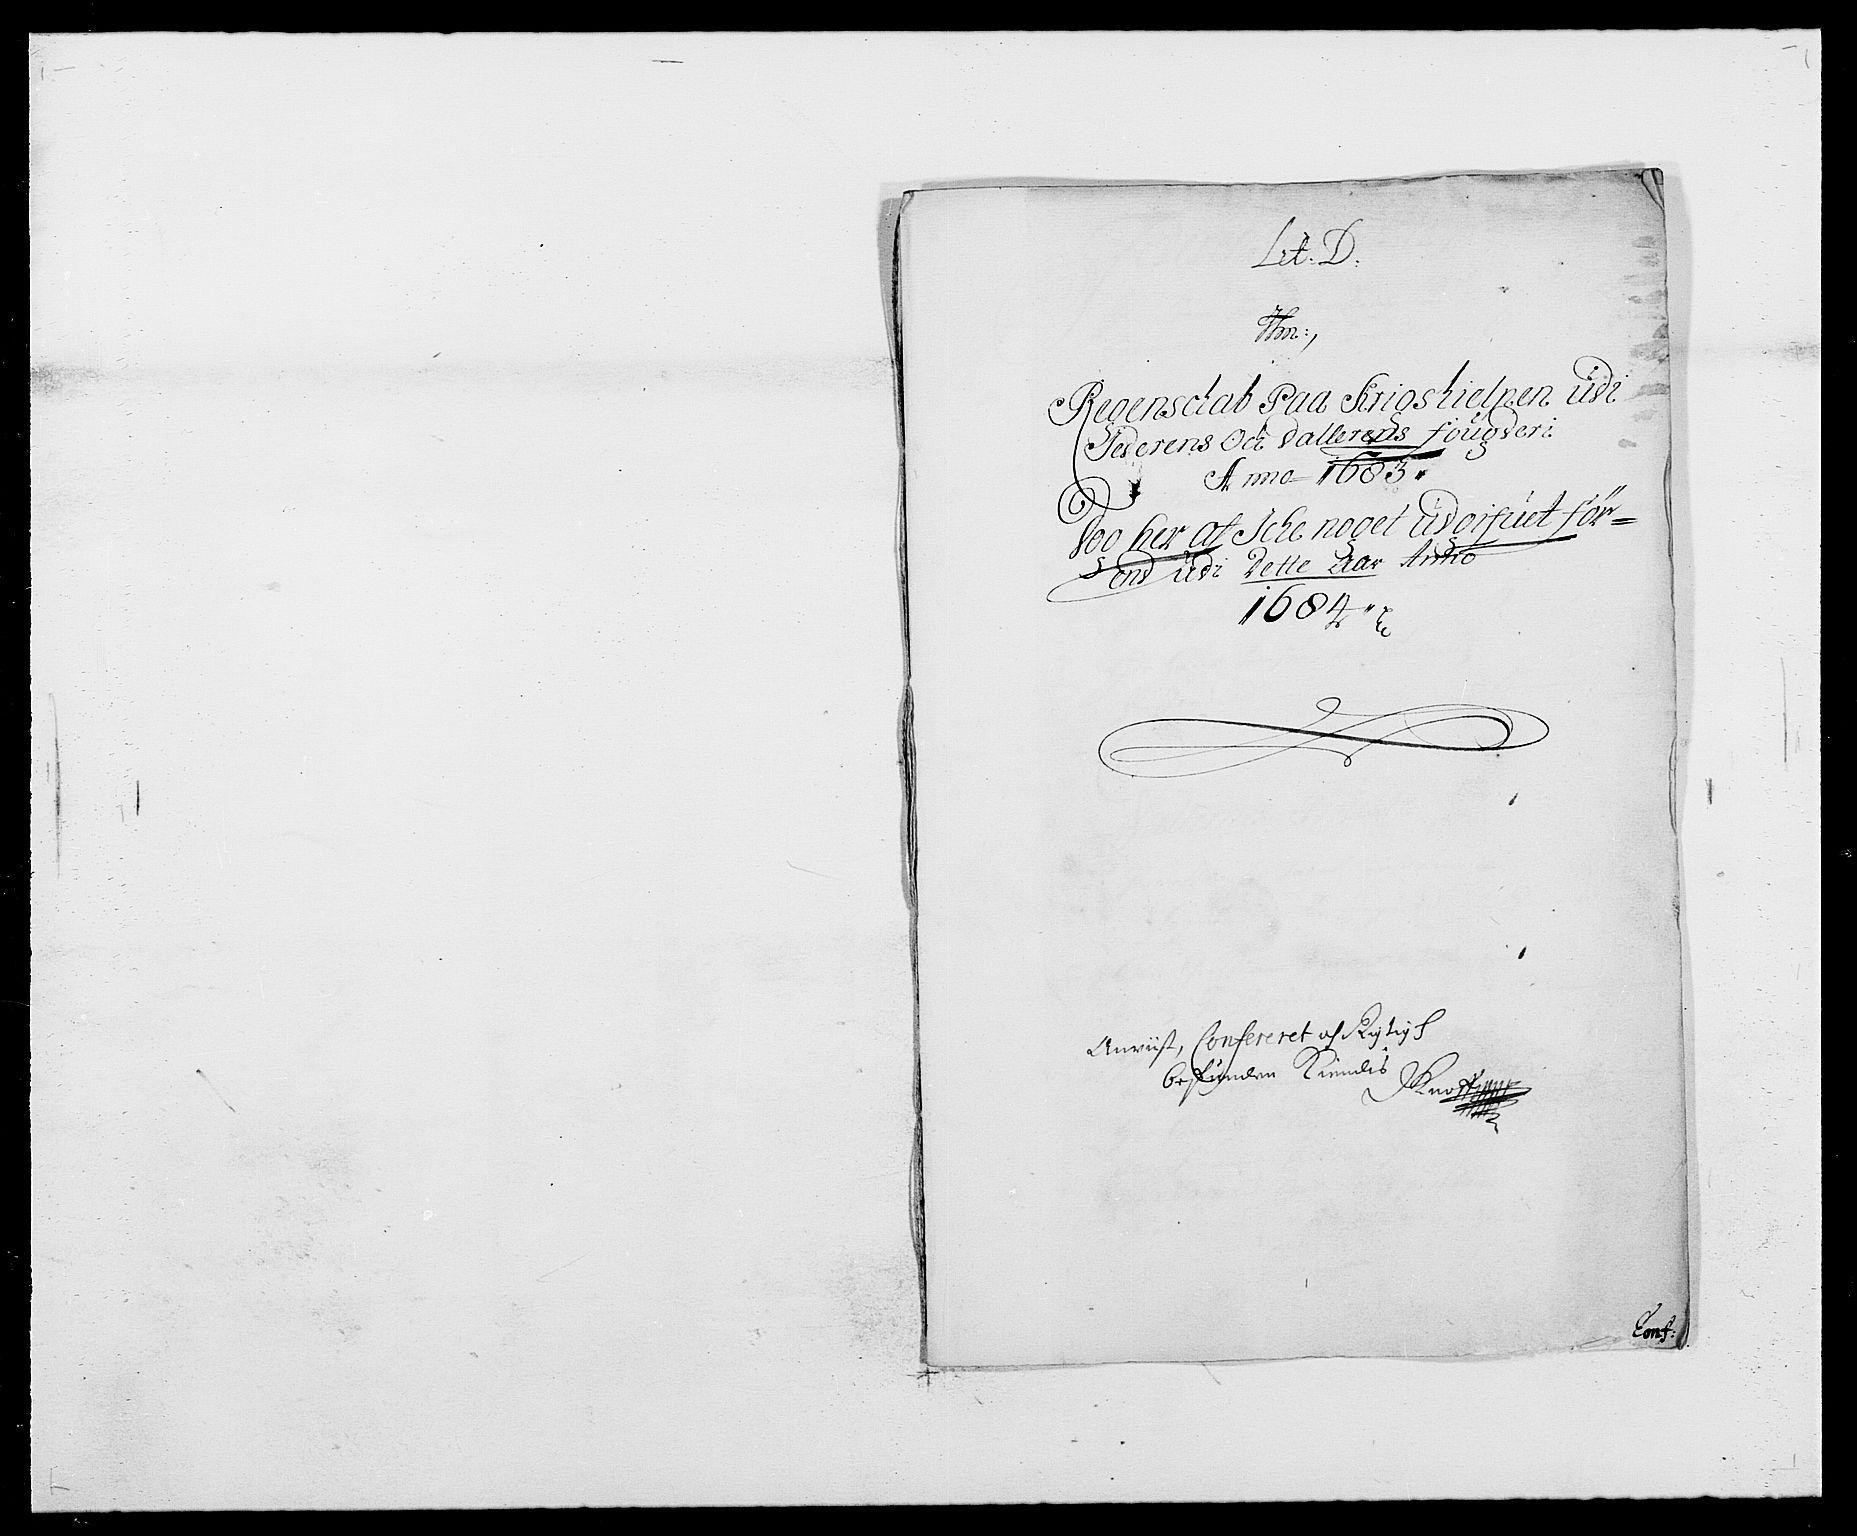 RA, Rentekammeret inntil 1814, Reviderte regnskaper, Fogderegnskap, R46/L2724: Fogderegnskap Jæren og Dalane, 1682-1684, s. 58